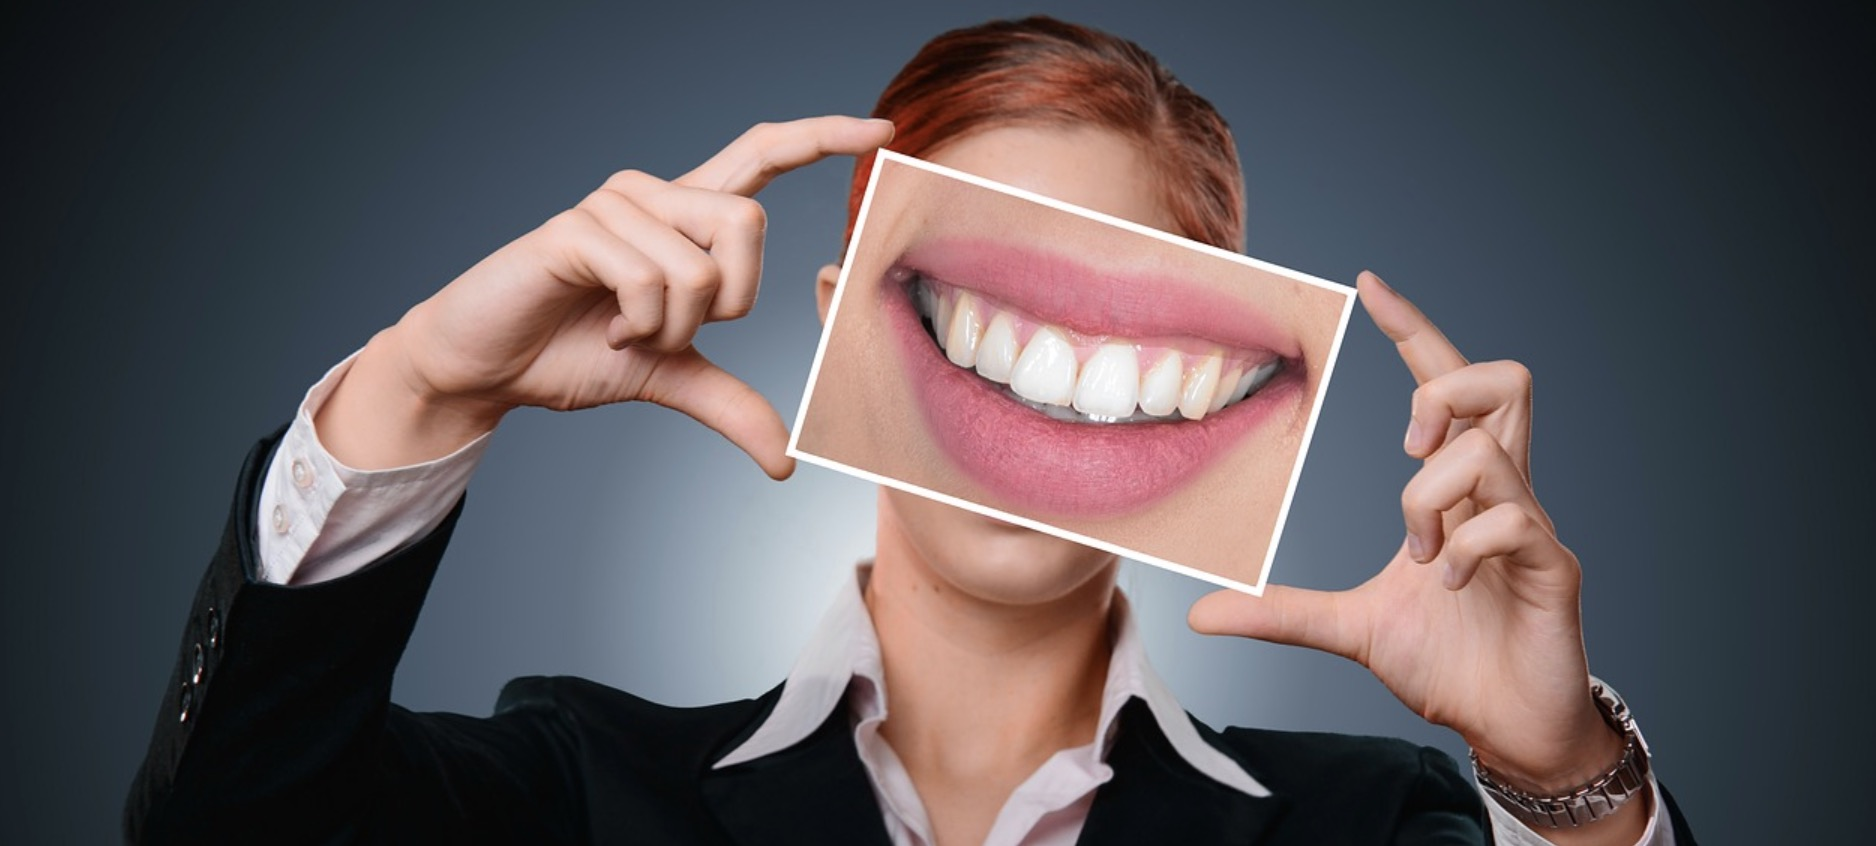 Tourisme dentaire